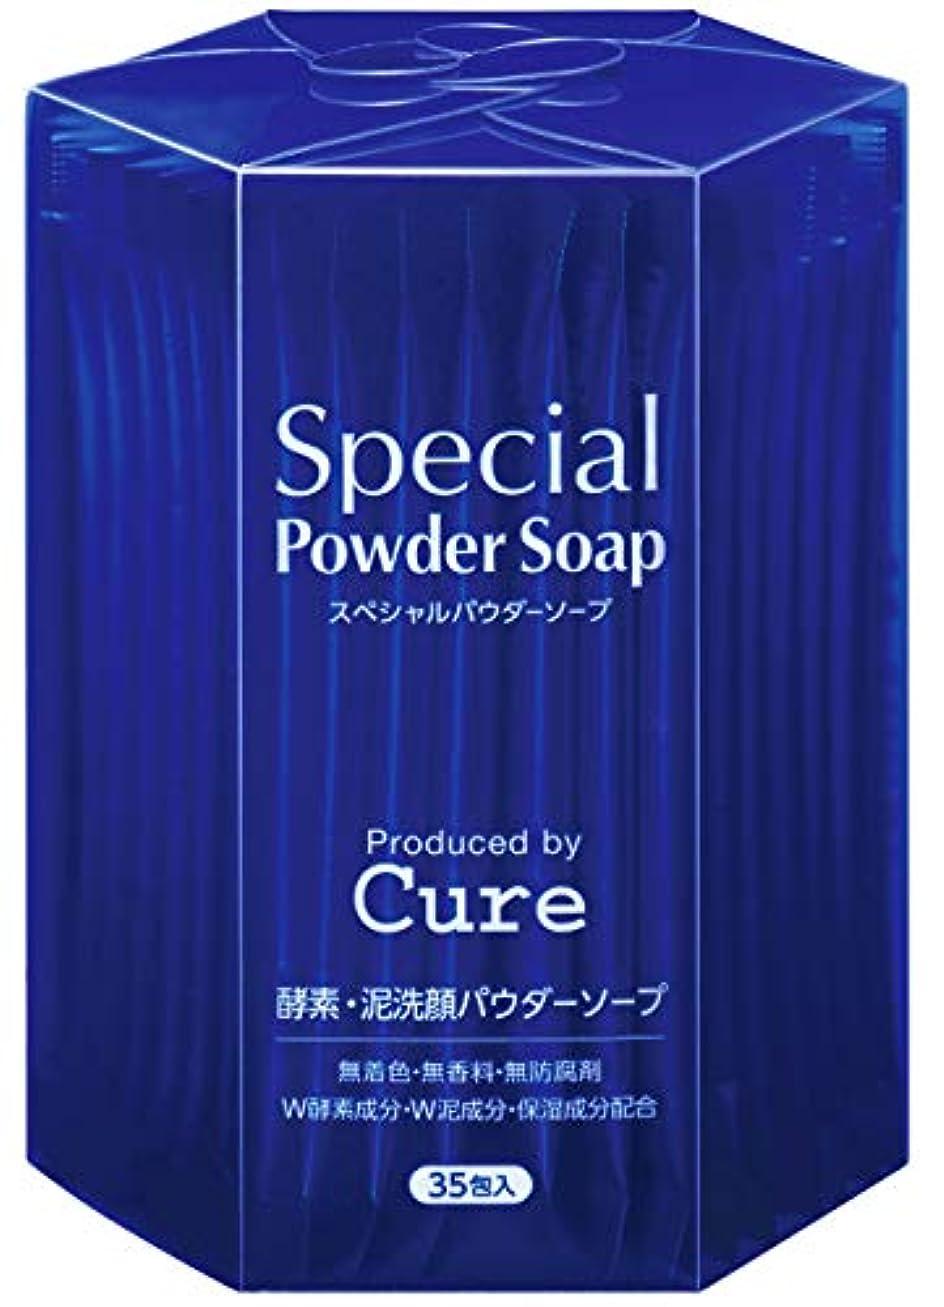 ショルダーリダクター主にCure(キュア) 酵素洗顔 Special Powder Soap Cure スペシャルパウダーソープキュア 0.6g×35包 g×35包